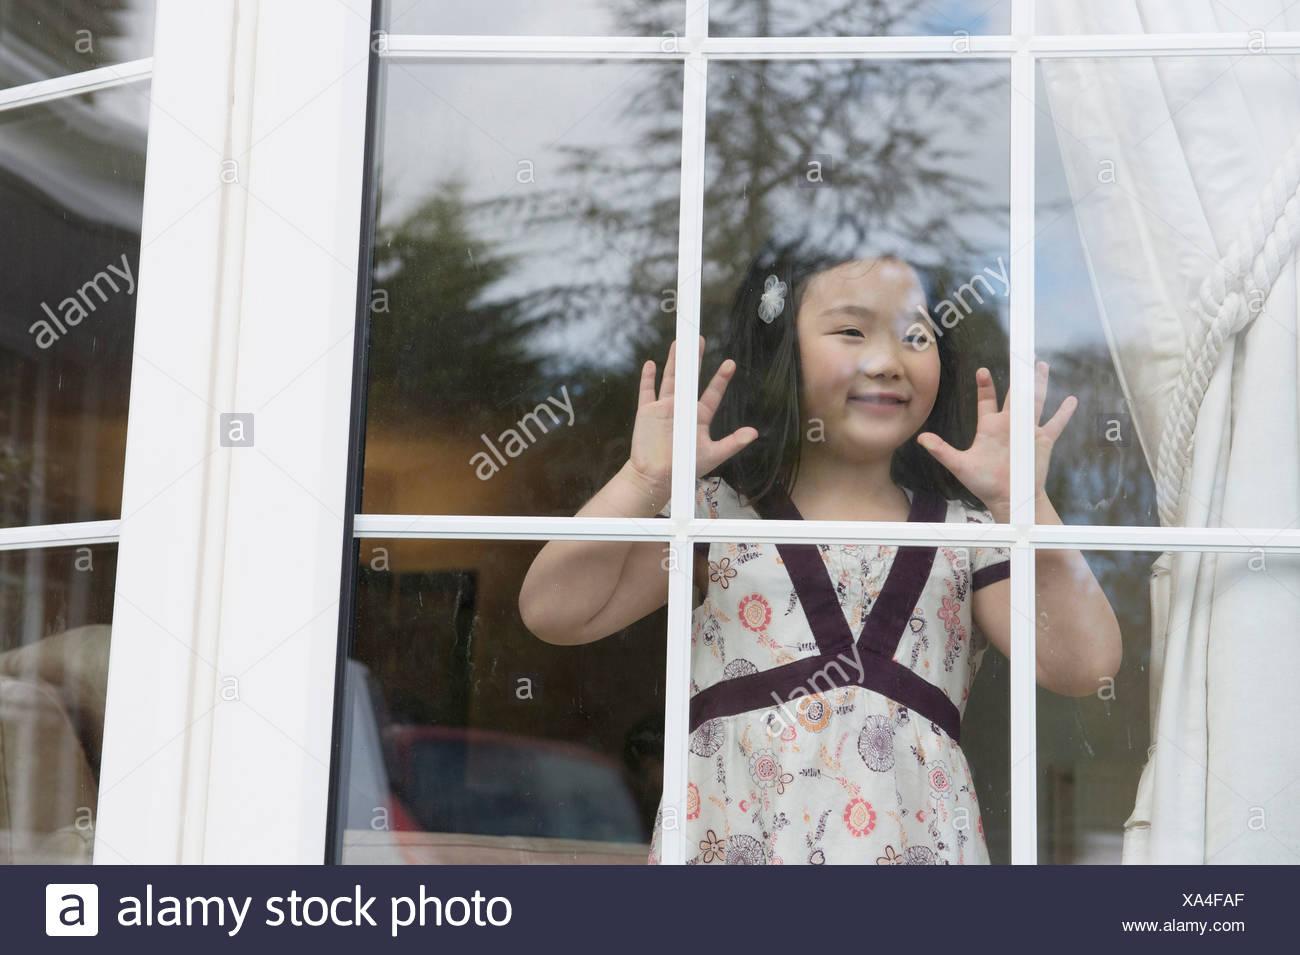 Chica sentada mirando desde la ventana de la habitación Imagen De Stock